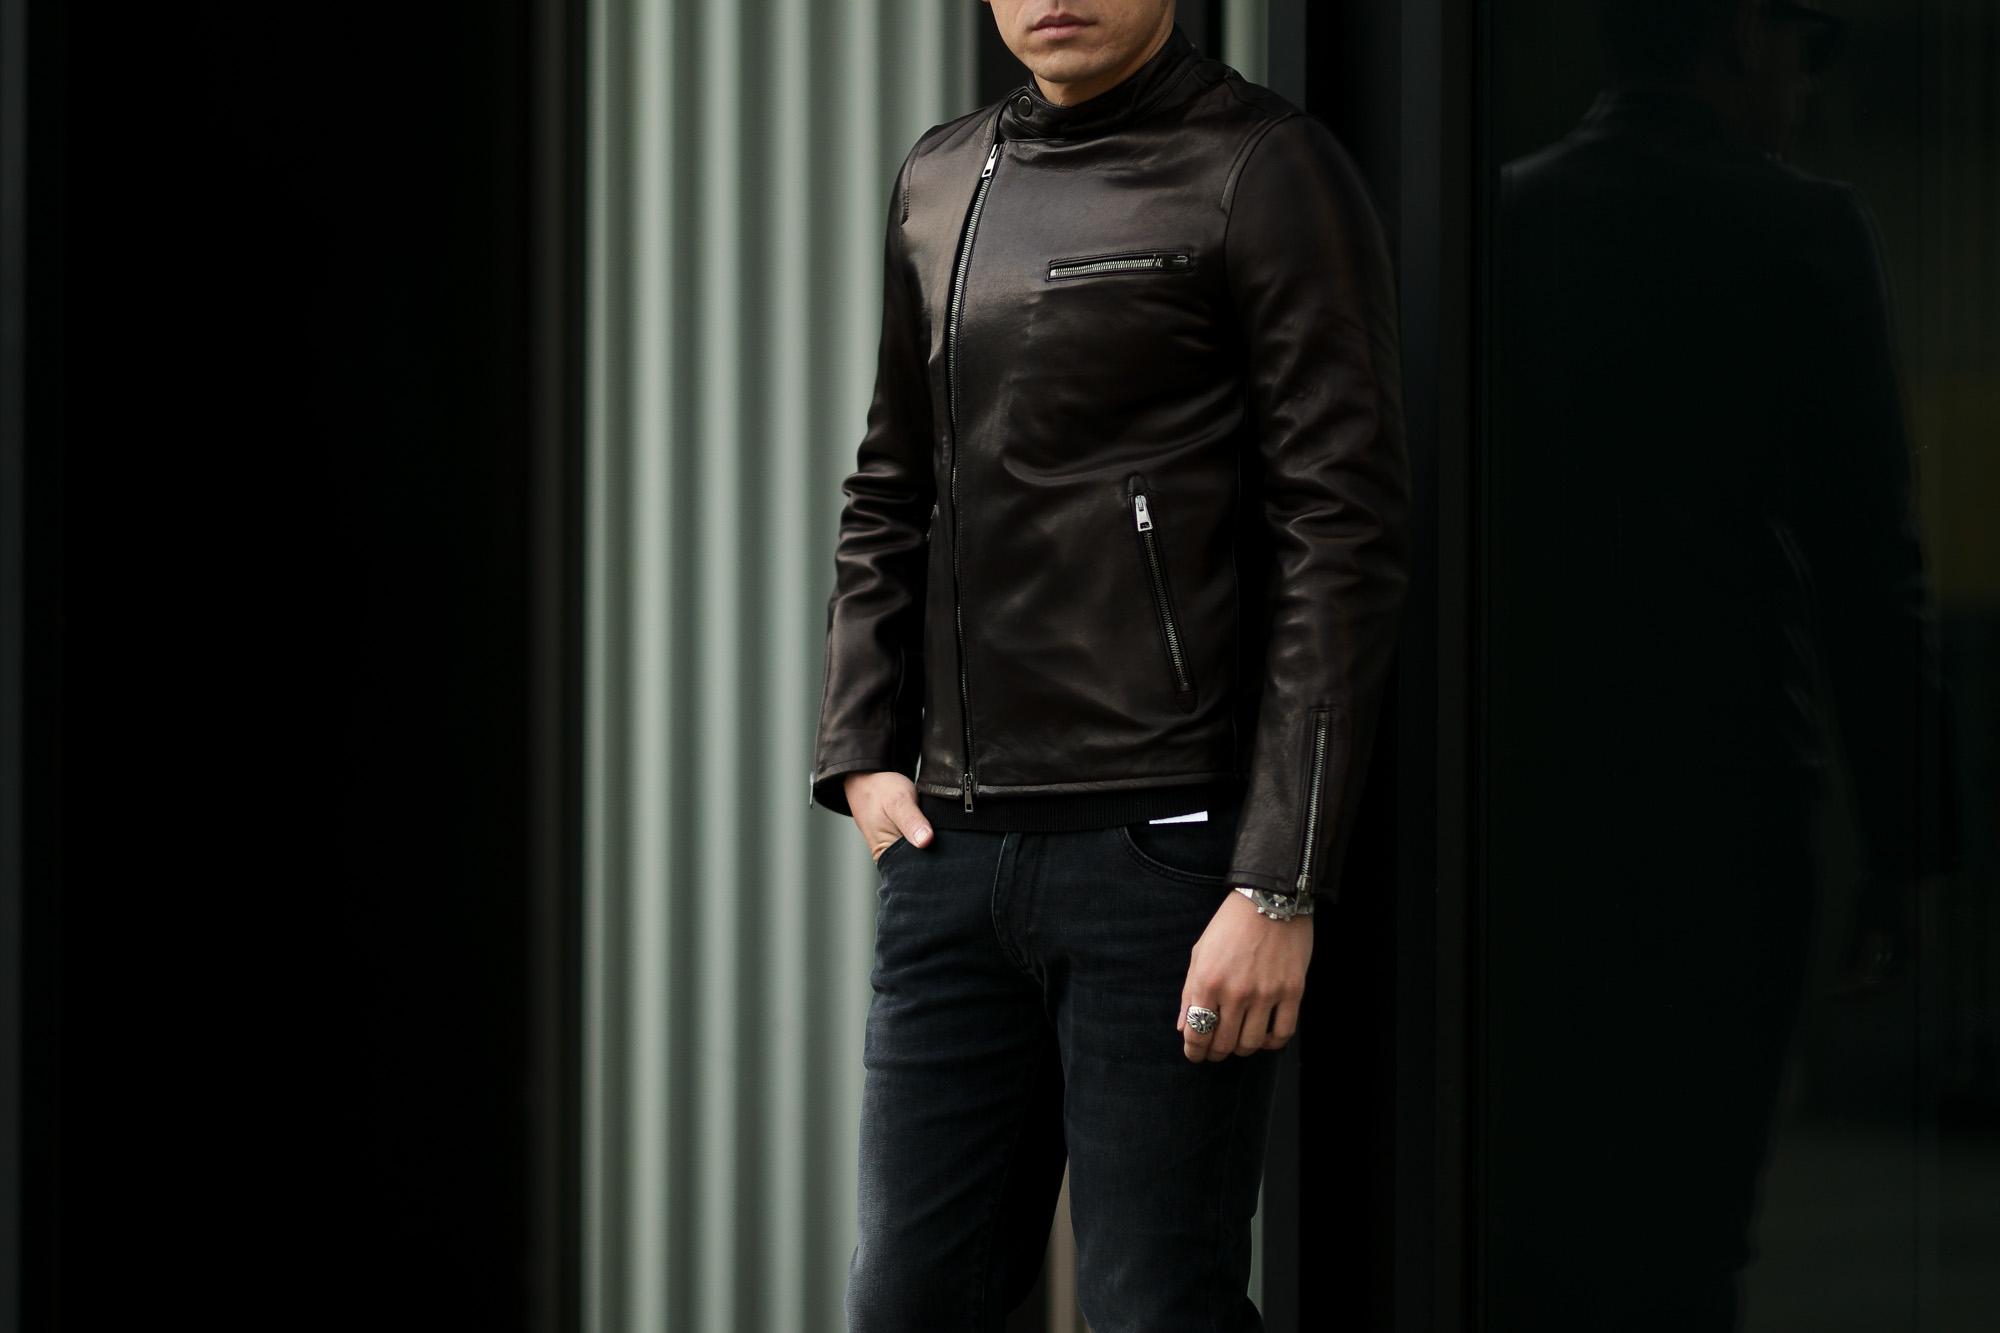 MOLEC (モレック) Semi Double Leather Jacket (セミダブル レザージャケット) PLONGE Lambskin プロンジェラムレザー セミダブル ライダース ジャケット NERO (ブラック) Made in italy (イタリア製) 2021 【ご予約受付中】愛知 名古屋 Alto e Diritto altoediritto アルトエデリット ダブルライダース レザージャケット